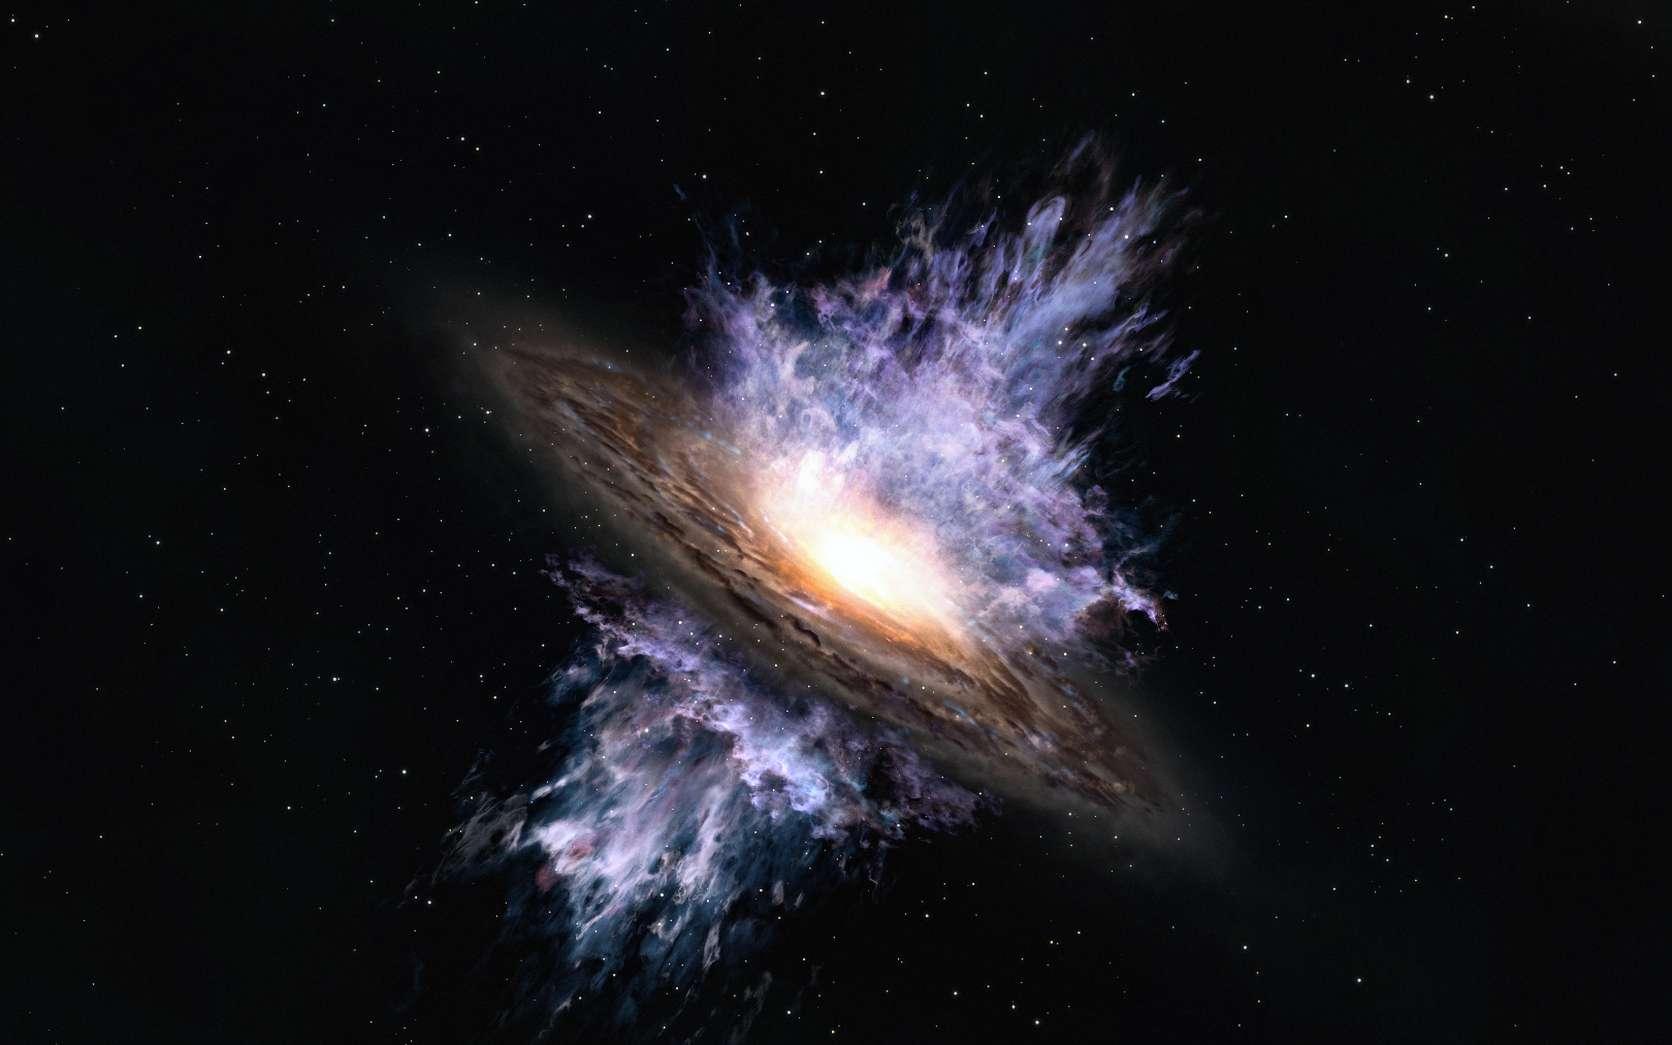 Vue d'artiste des vents galactiques produits par un trou noir supermassif situé au centre d'une galaxie. L'énergie intense émanant du trou noir crée un flux de gaz à l'échelle de la galaxie qui souffle la matière interstellaire qui est le matériau de formation des étoiles. © Alma (ESO / NAOJ / NRAO)